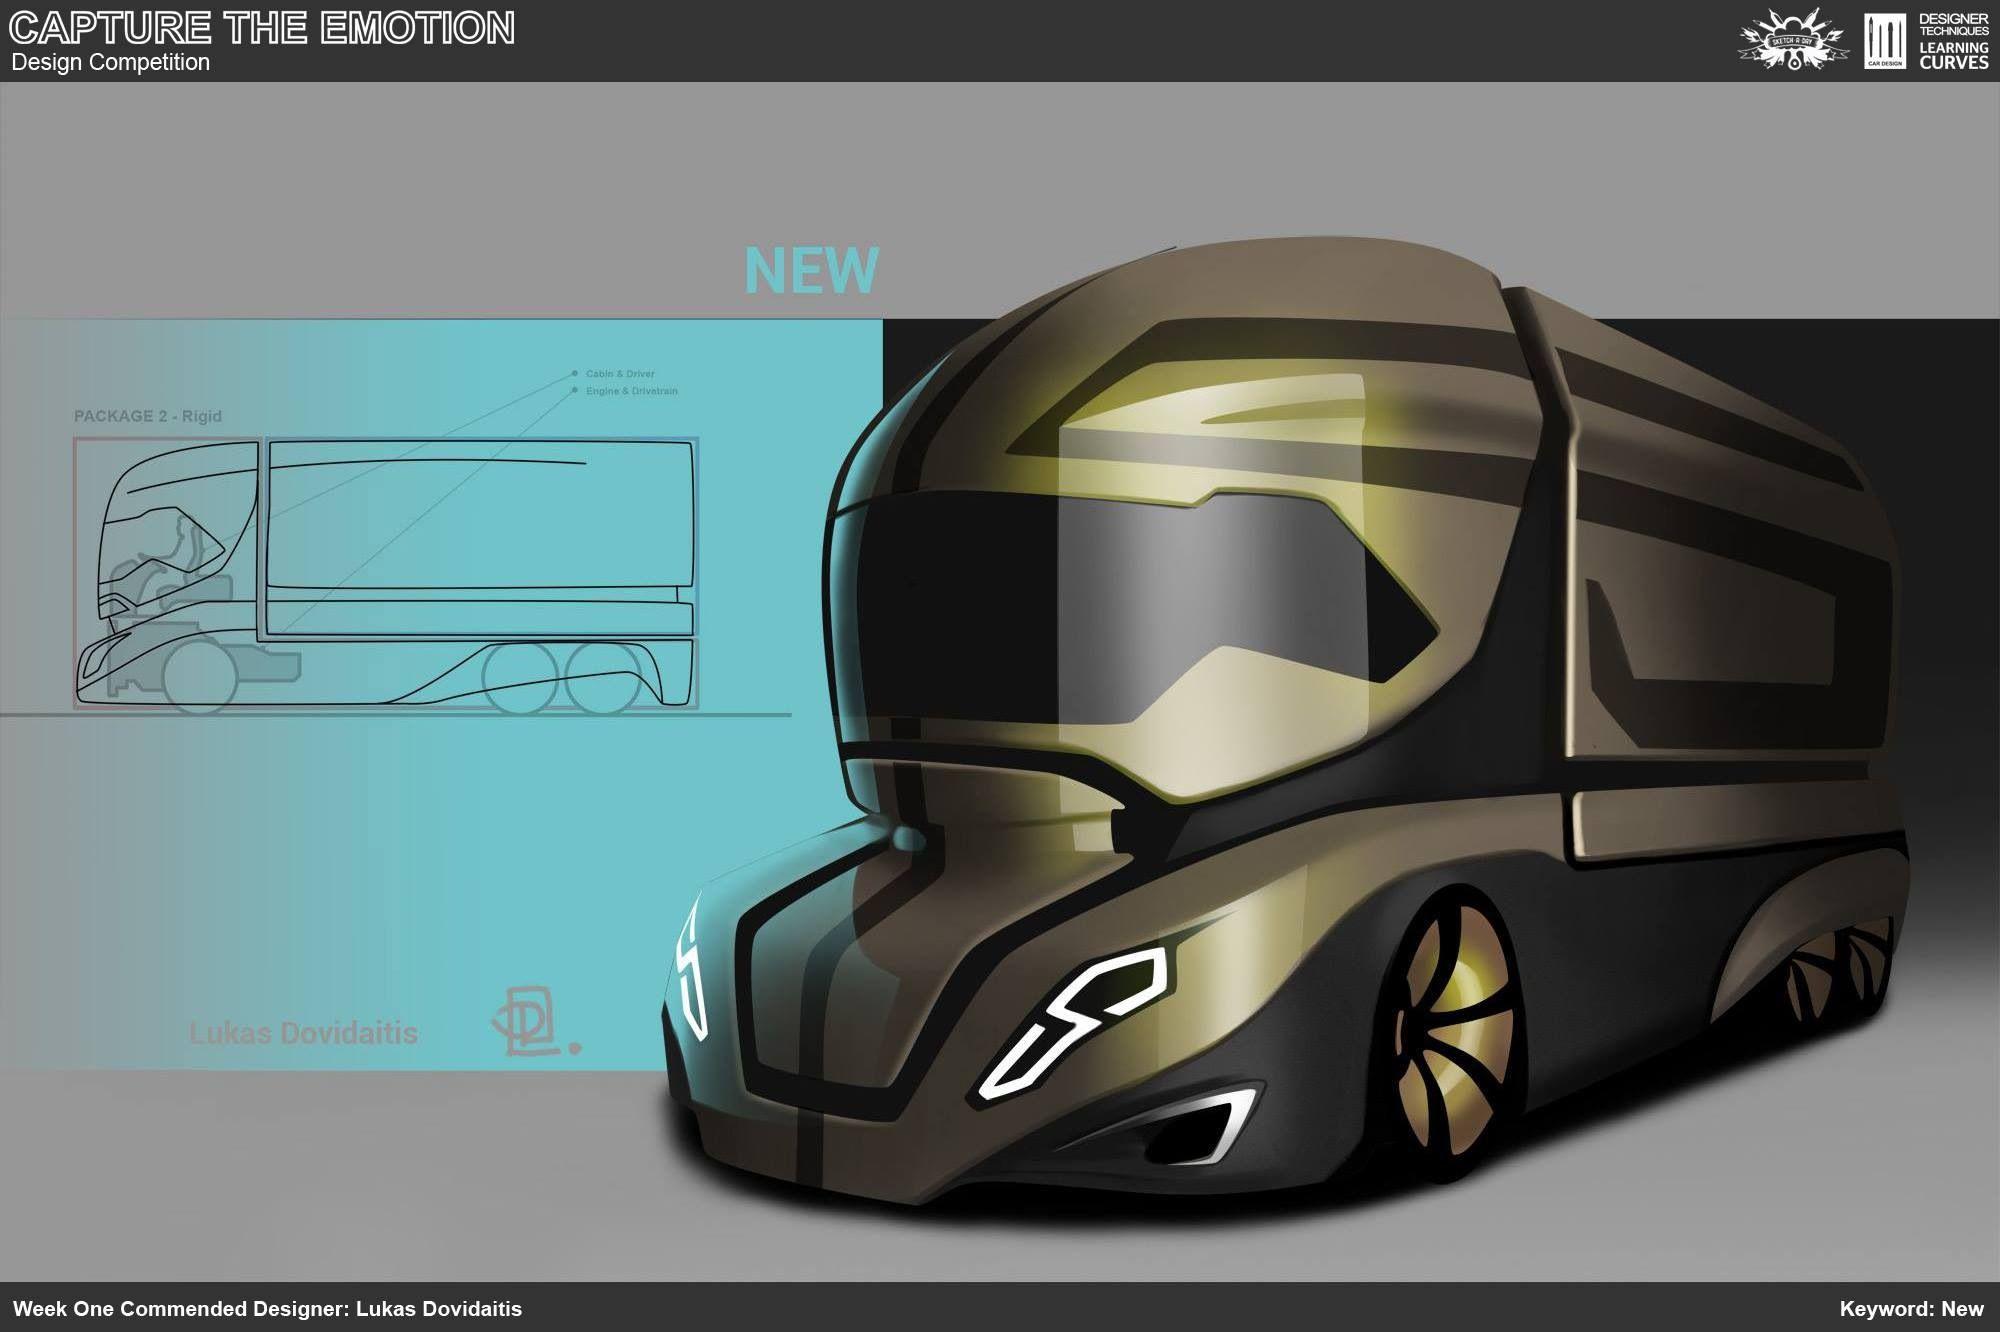 Trucks Design Compeion